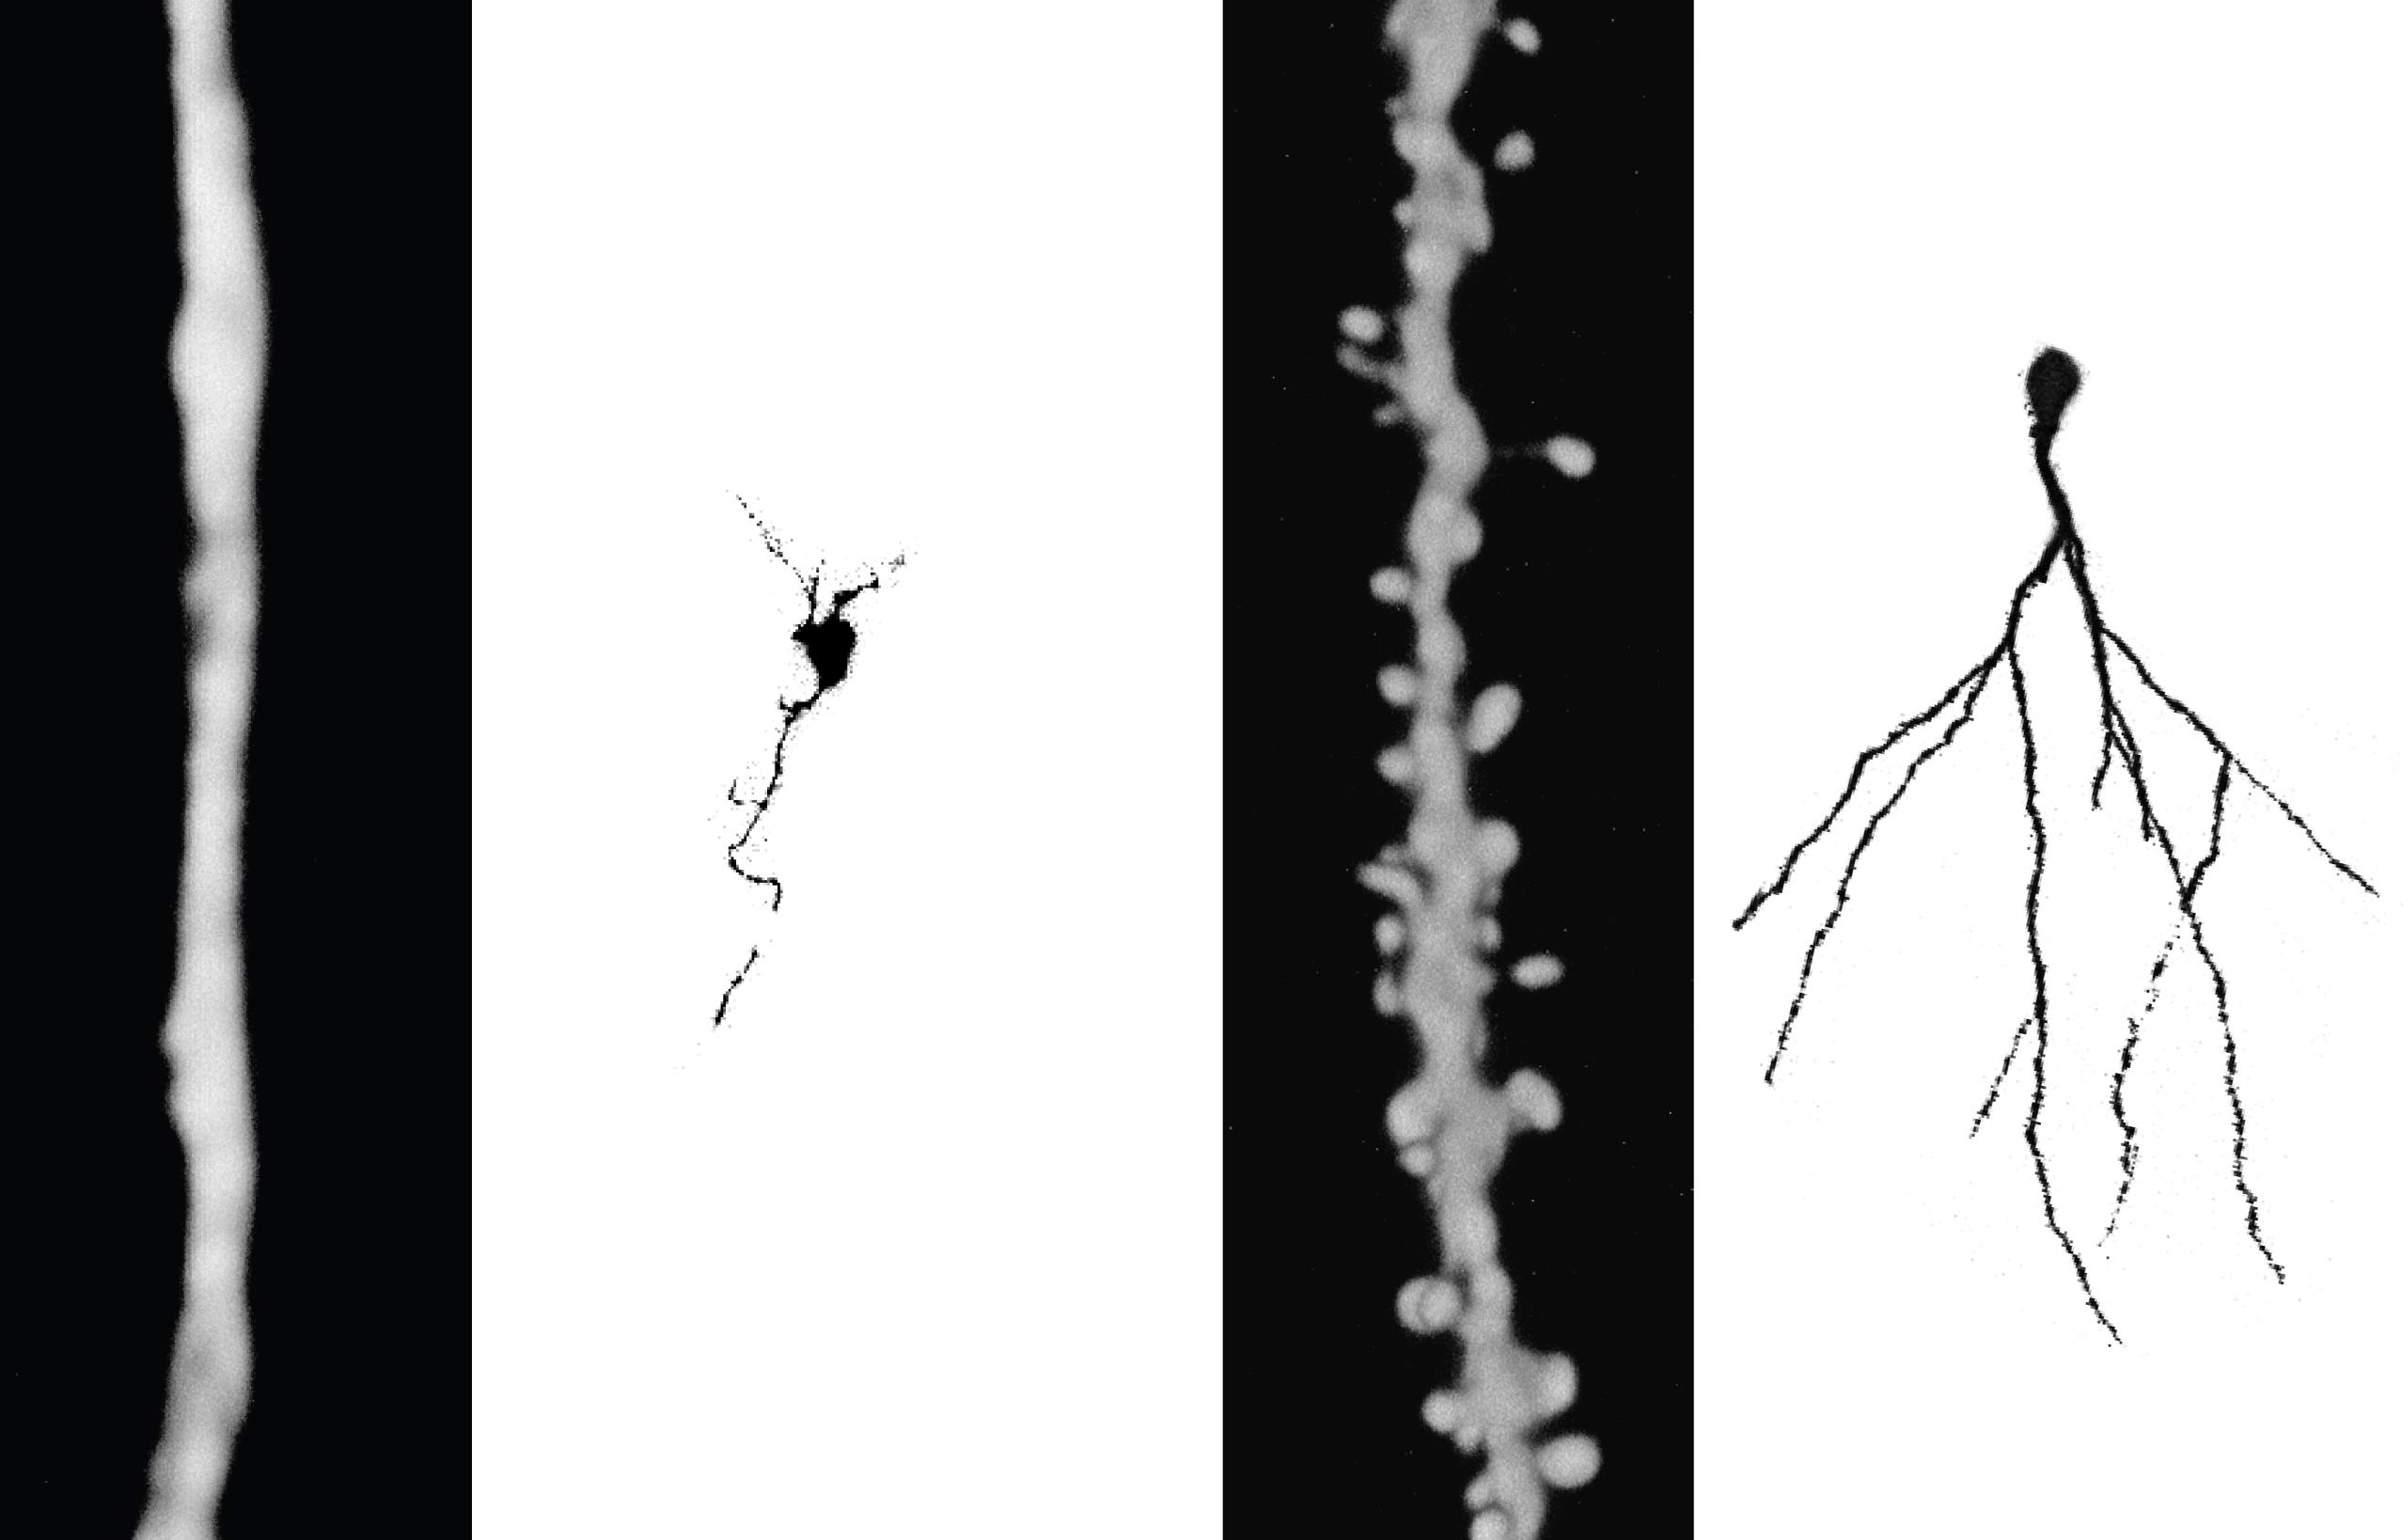 En los ratones viejos sedentarios las dendritas de las neuronas se desarrollaron menos que en los ratones corredores. Además en este último grupo se generaron espinas a través de las cuales las neuronas se enchufan al circuito.